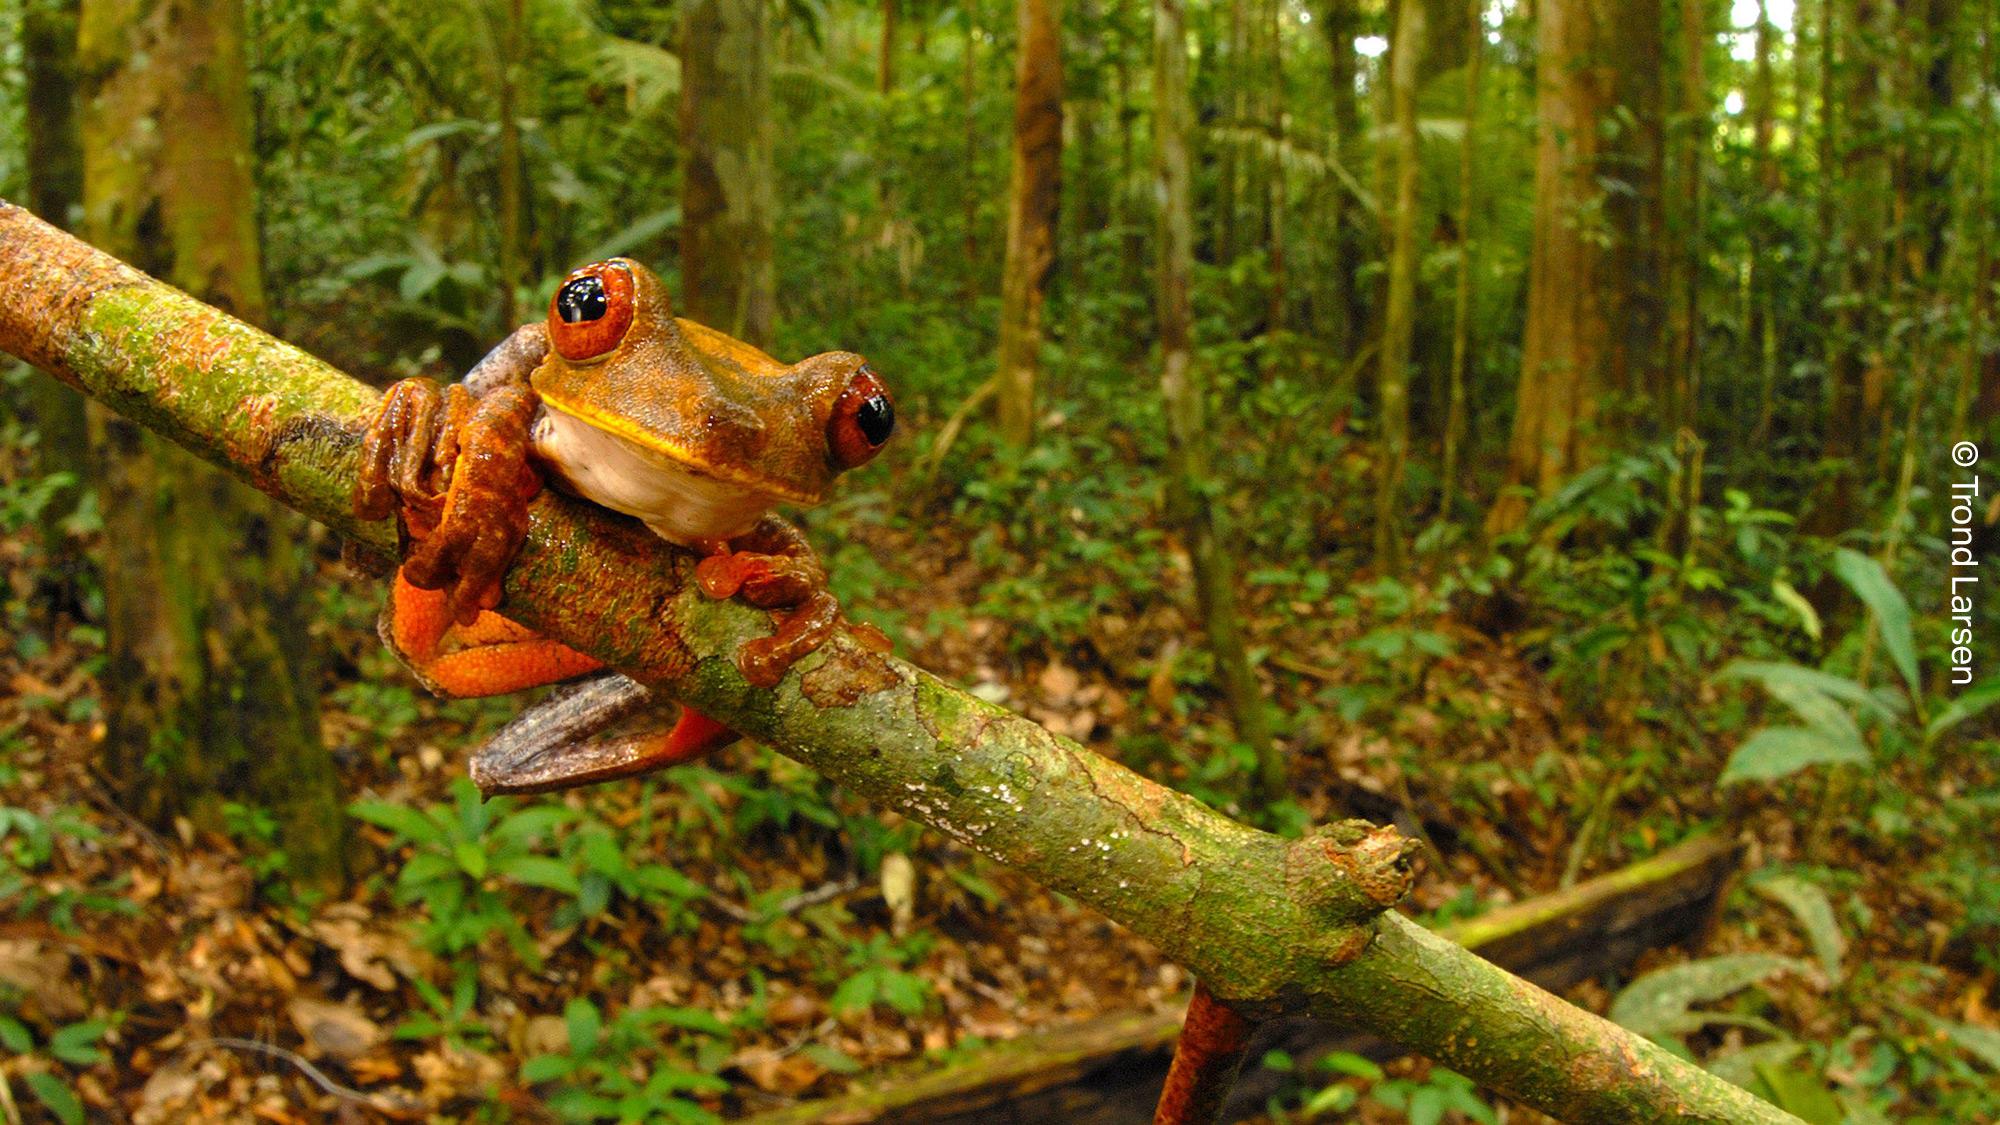 Ein einheimischer Laubfrosch des brasilianischen Amazonasgebiets